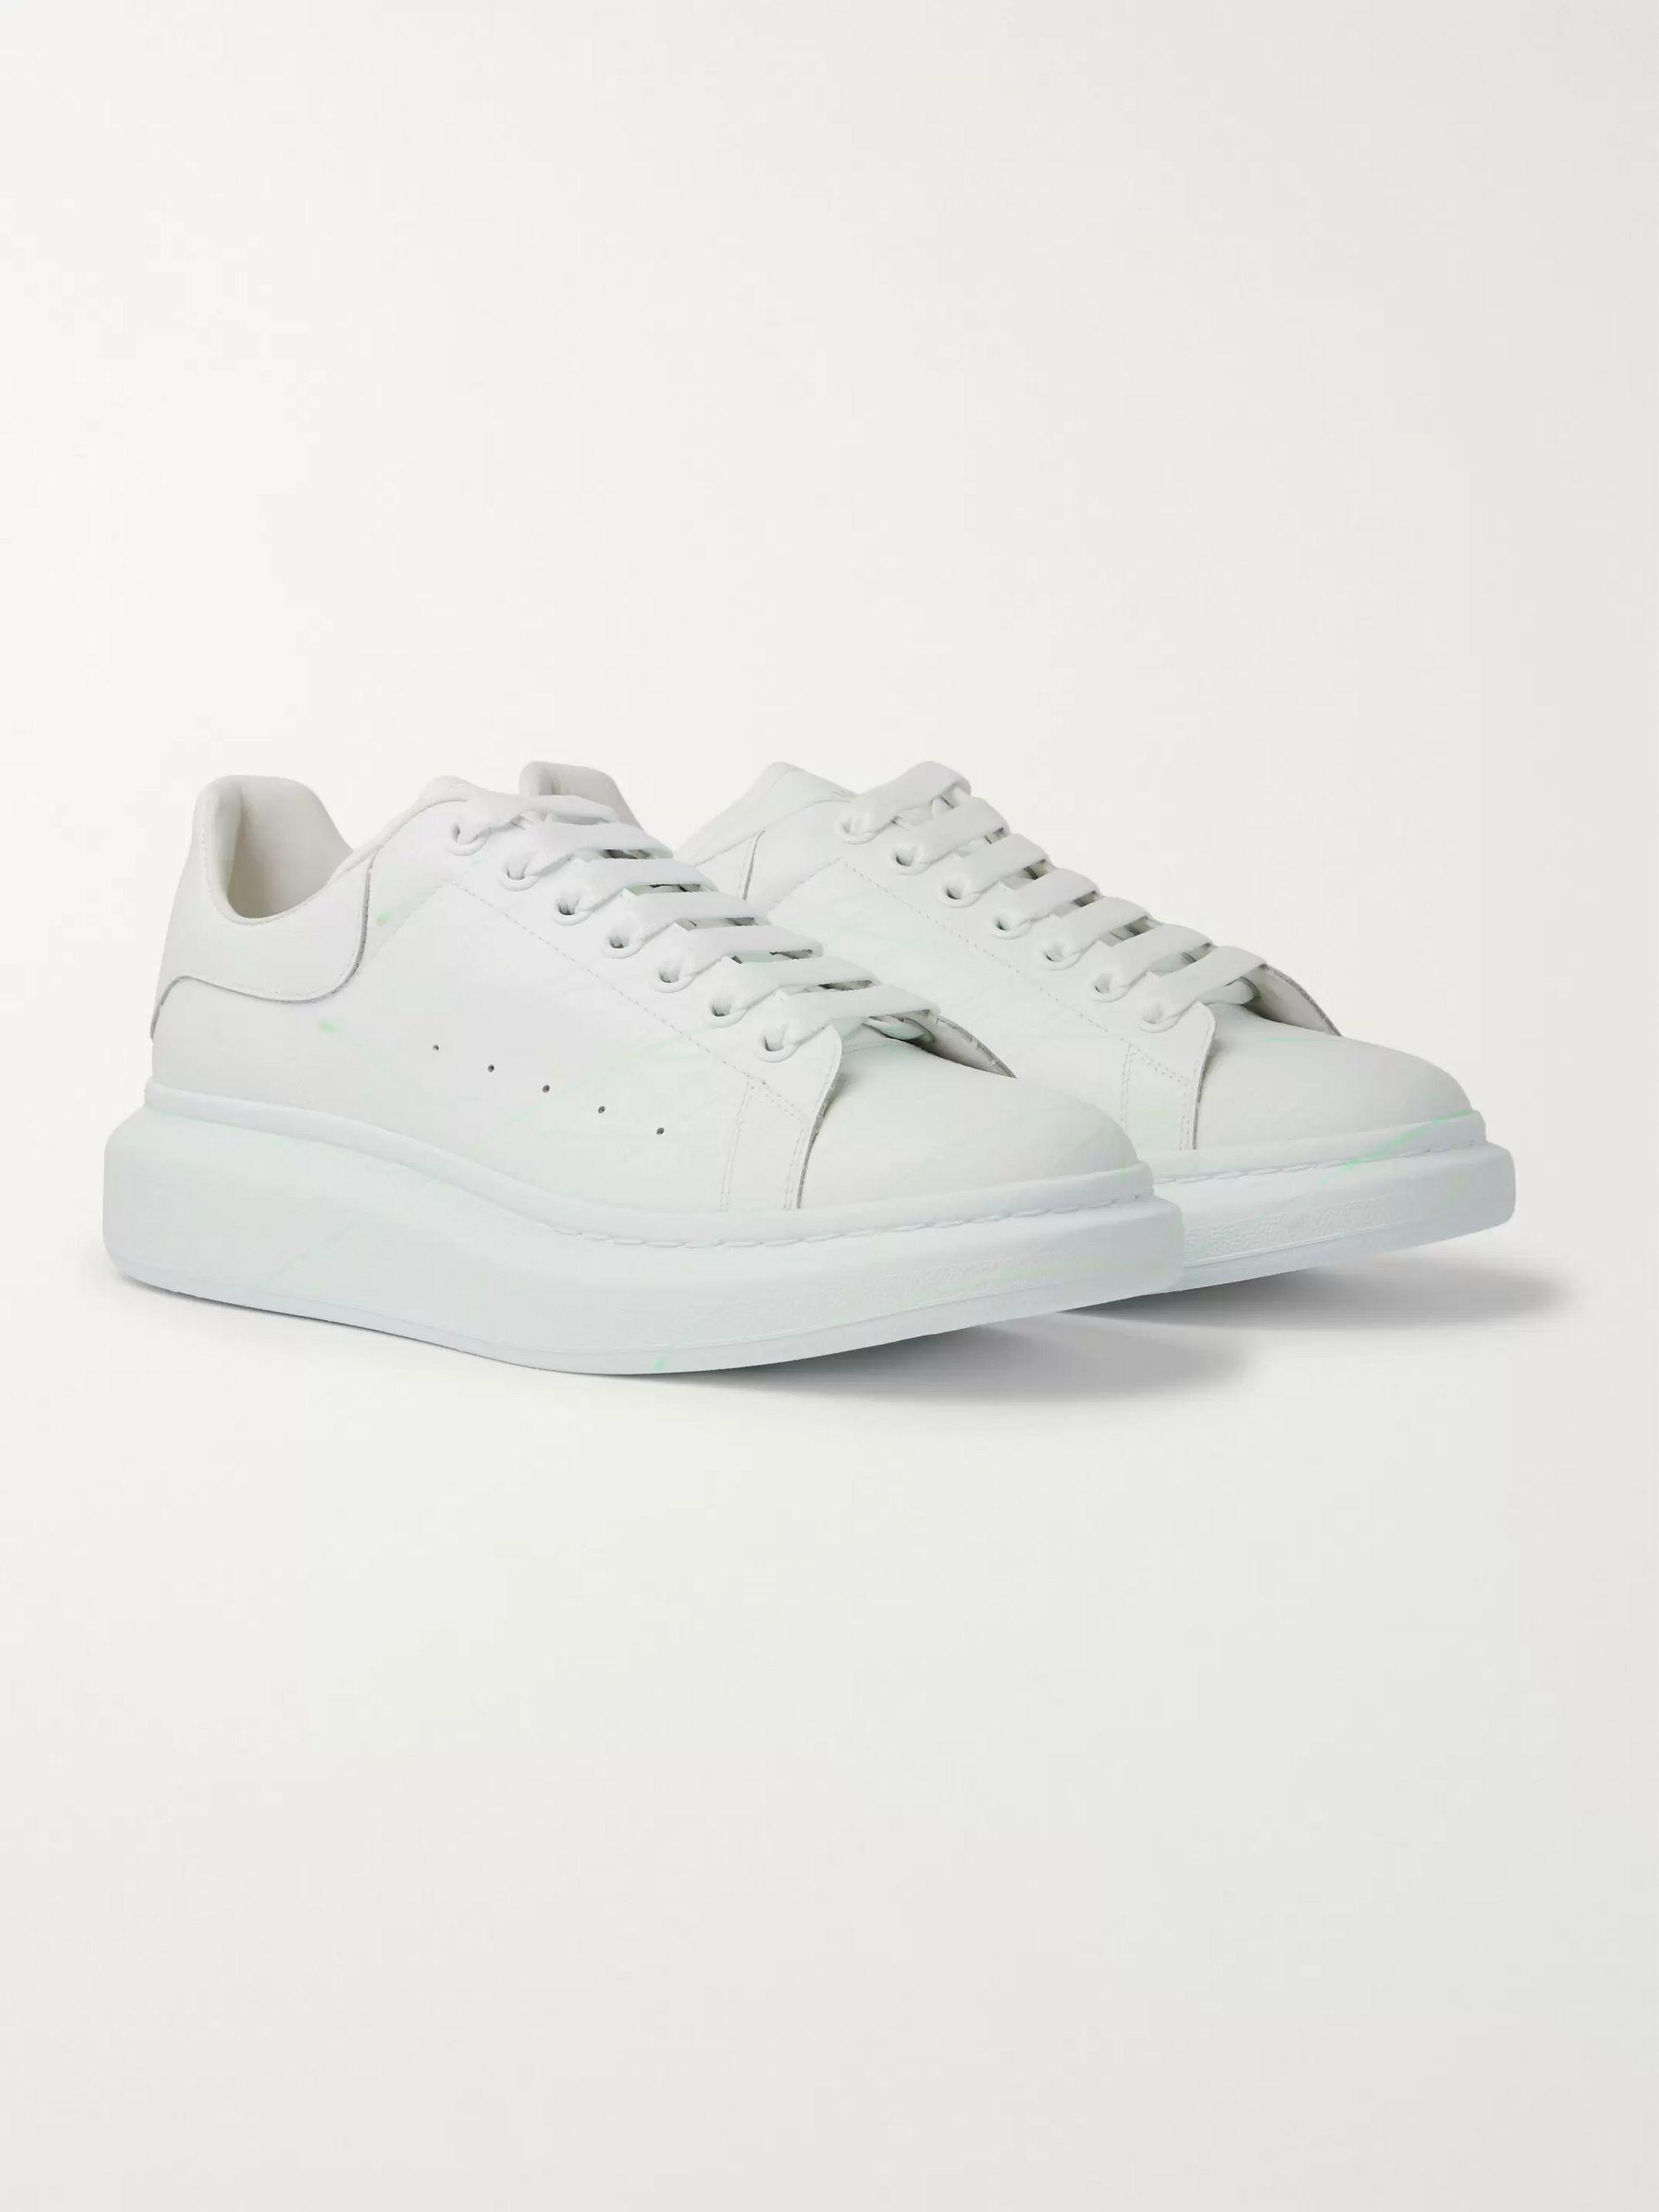 알렉산더 맥퀸 Alexander McQueen Glow-In-The-Dark Exaggerated-Sole Rubber-Trimmed Leather Sneakers,White